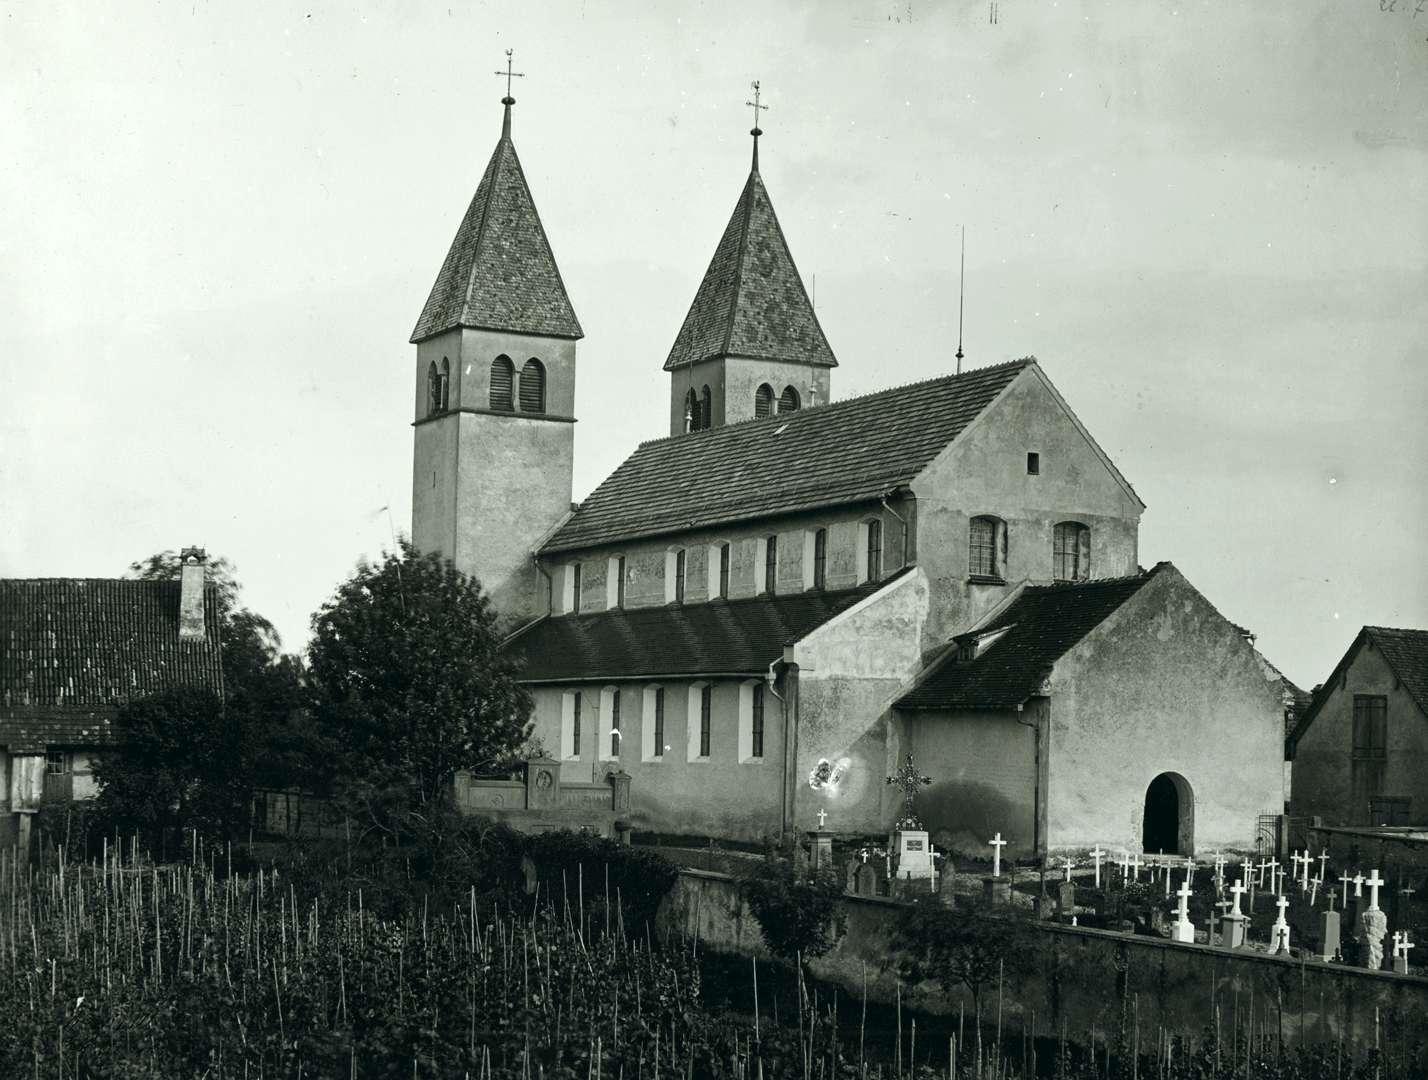 [Stiftskirche Peter und Paul auf der Reichenau], Bild 1